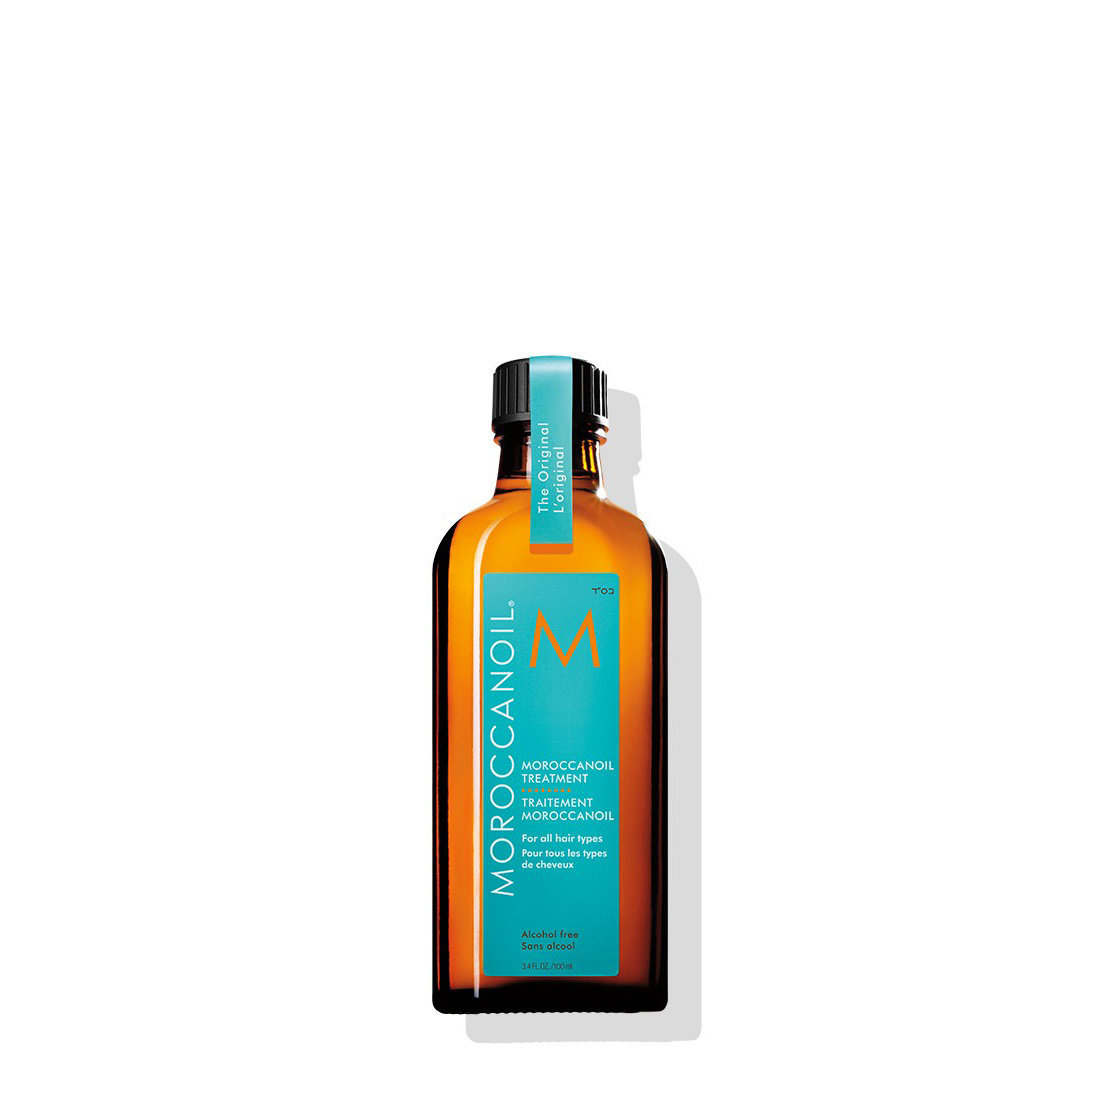 Moroccanoil Treatment 100 ml | Tratamiento Moroccanoil